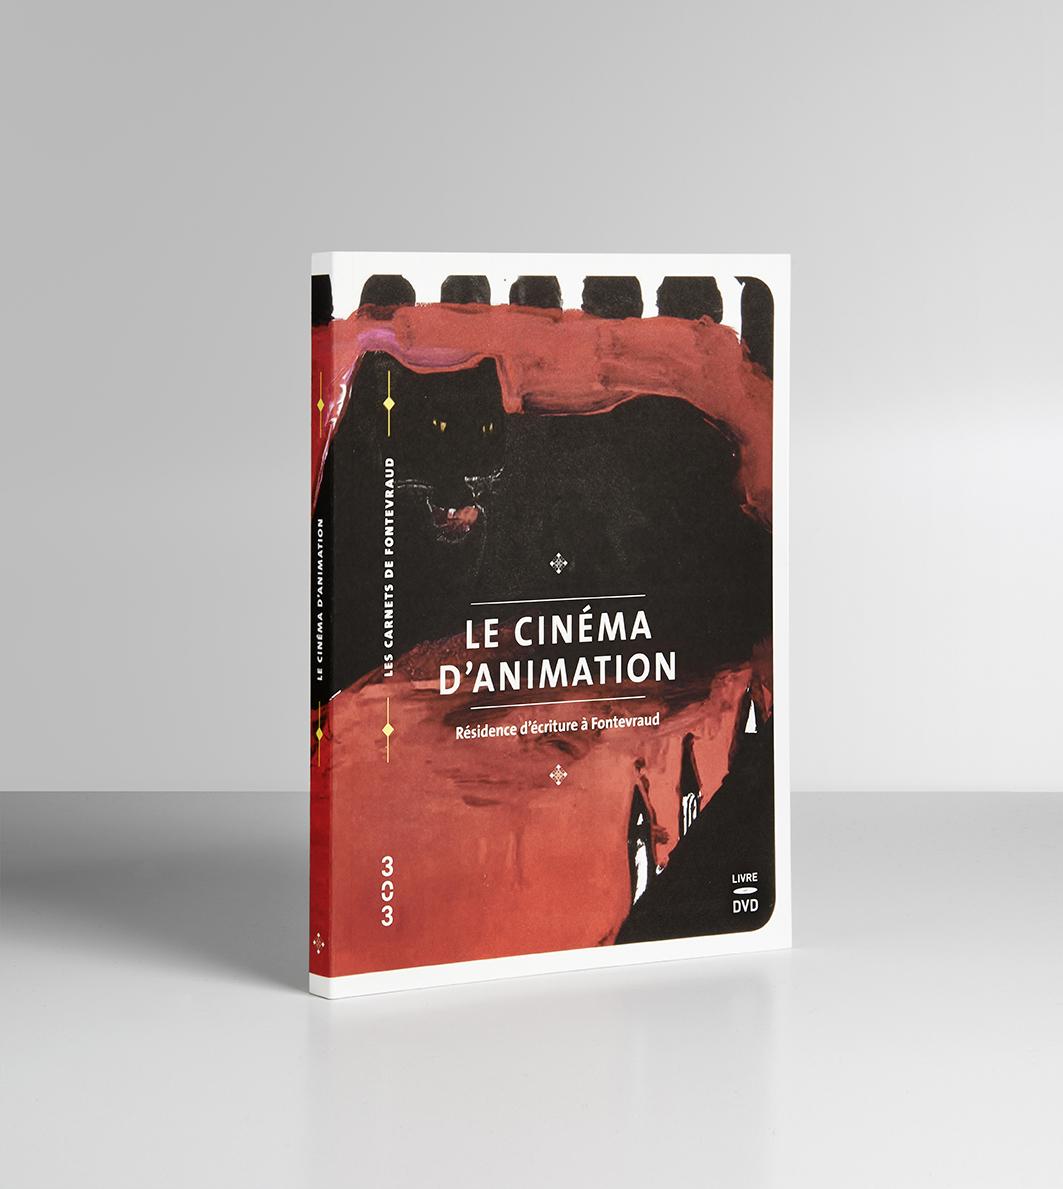 Les Carnets de Fontevraud_Le cinéma d'animation